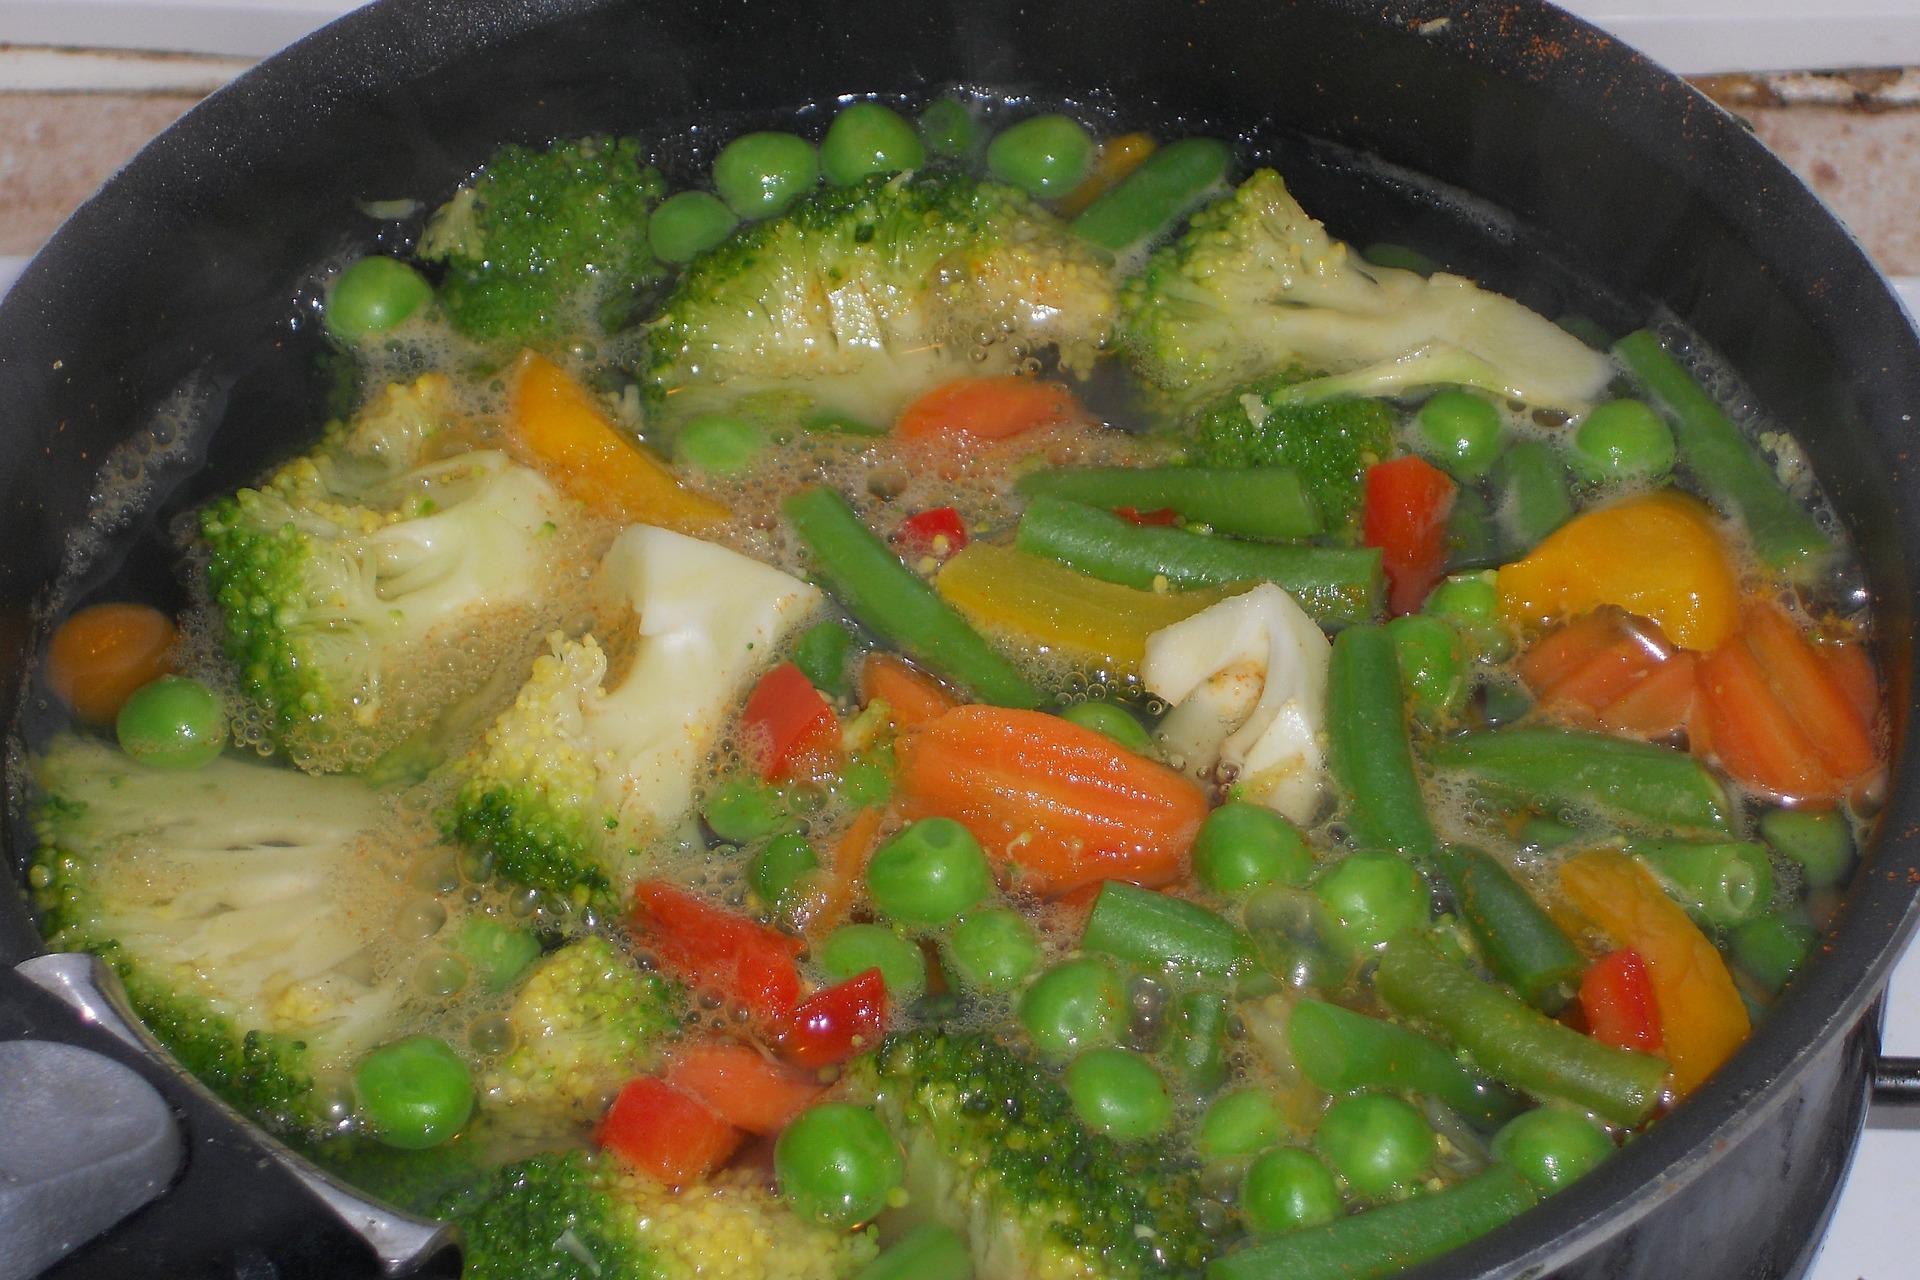 Congelar y calentar alimentos hace que pierdan sus nutrientes